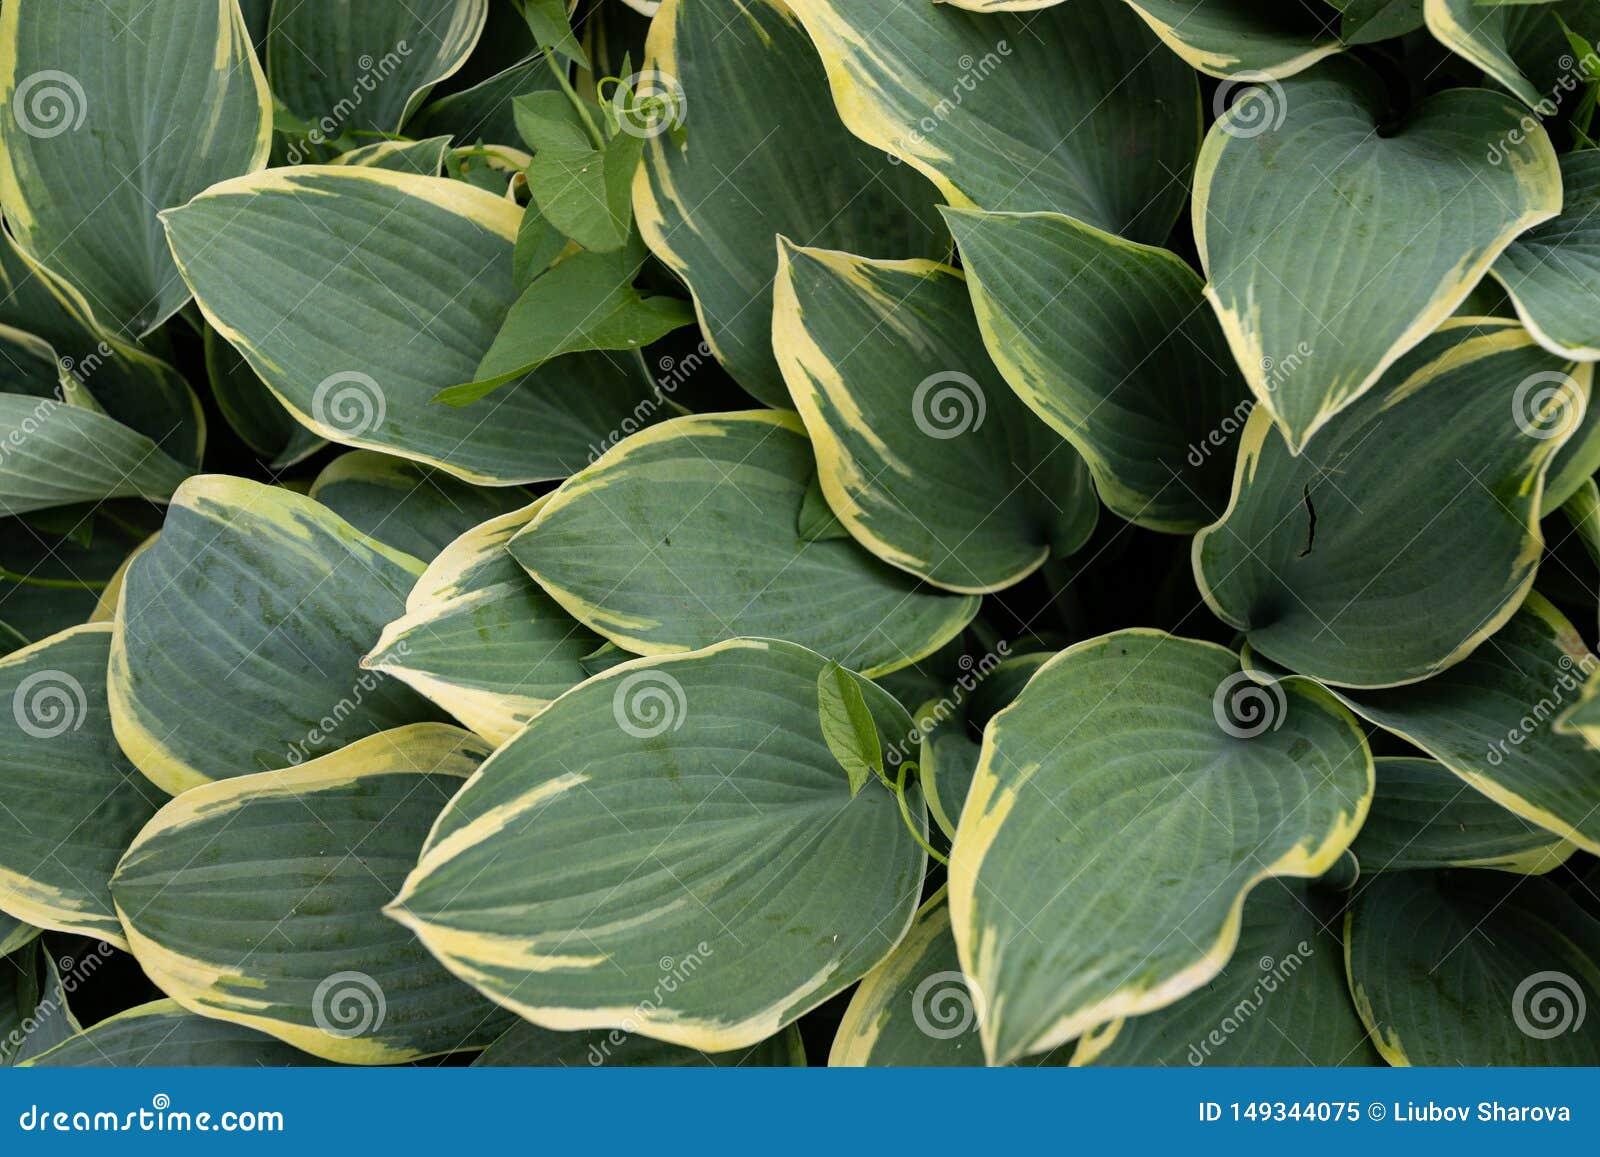 L usine Ombre-tol?rante avec les feuilles vert-jaunes d?coratives, peut ?tre employ?e comme fond naturel